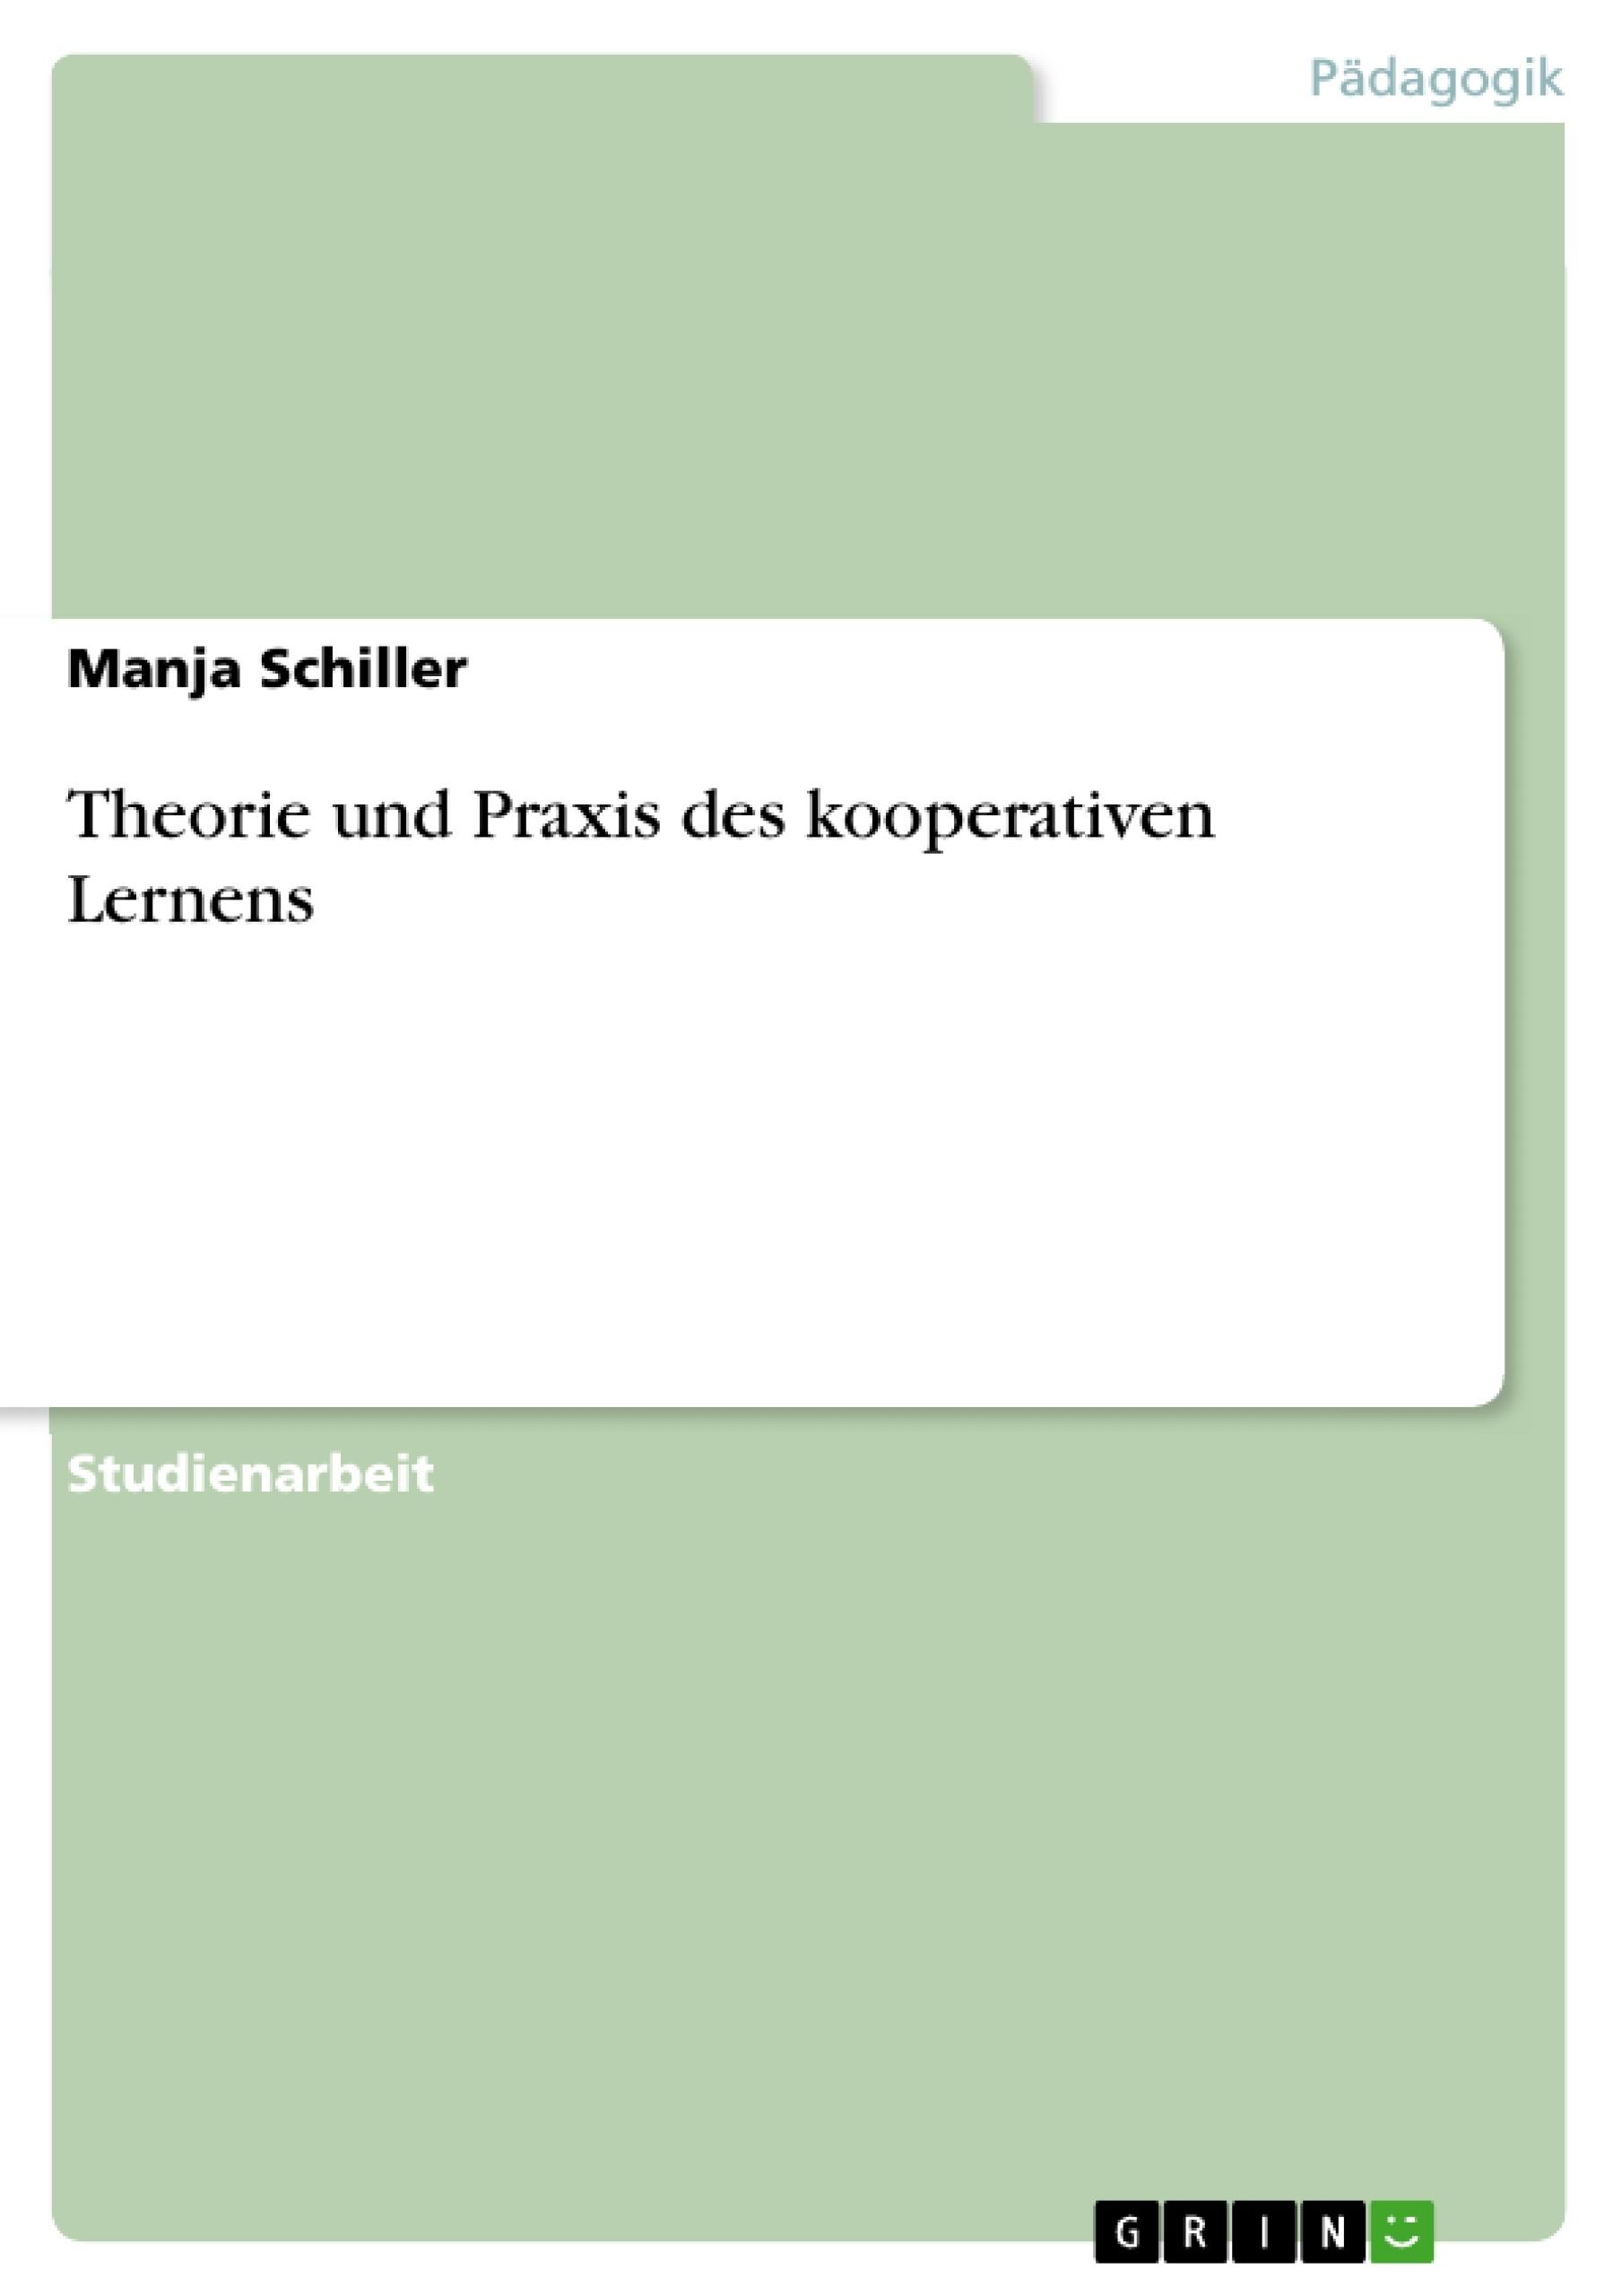 Titel: Theorie und Praxis des kooperativen Lernens